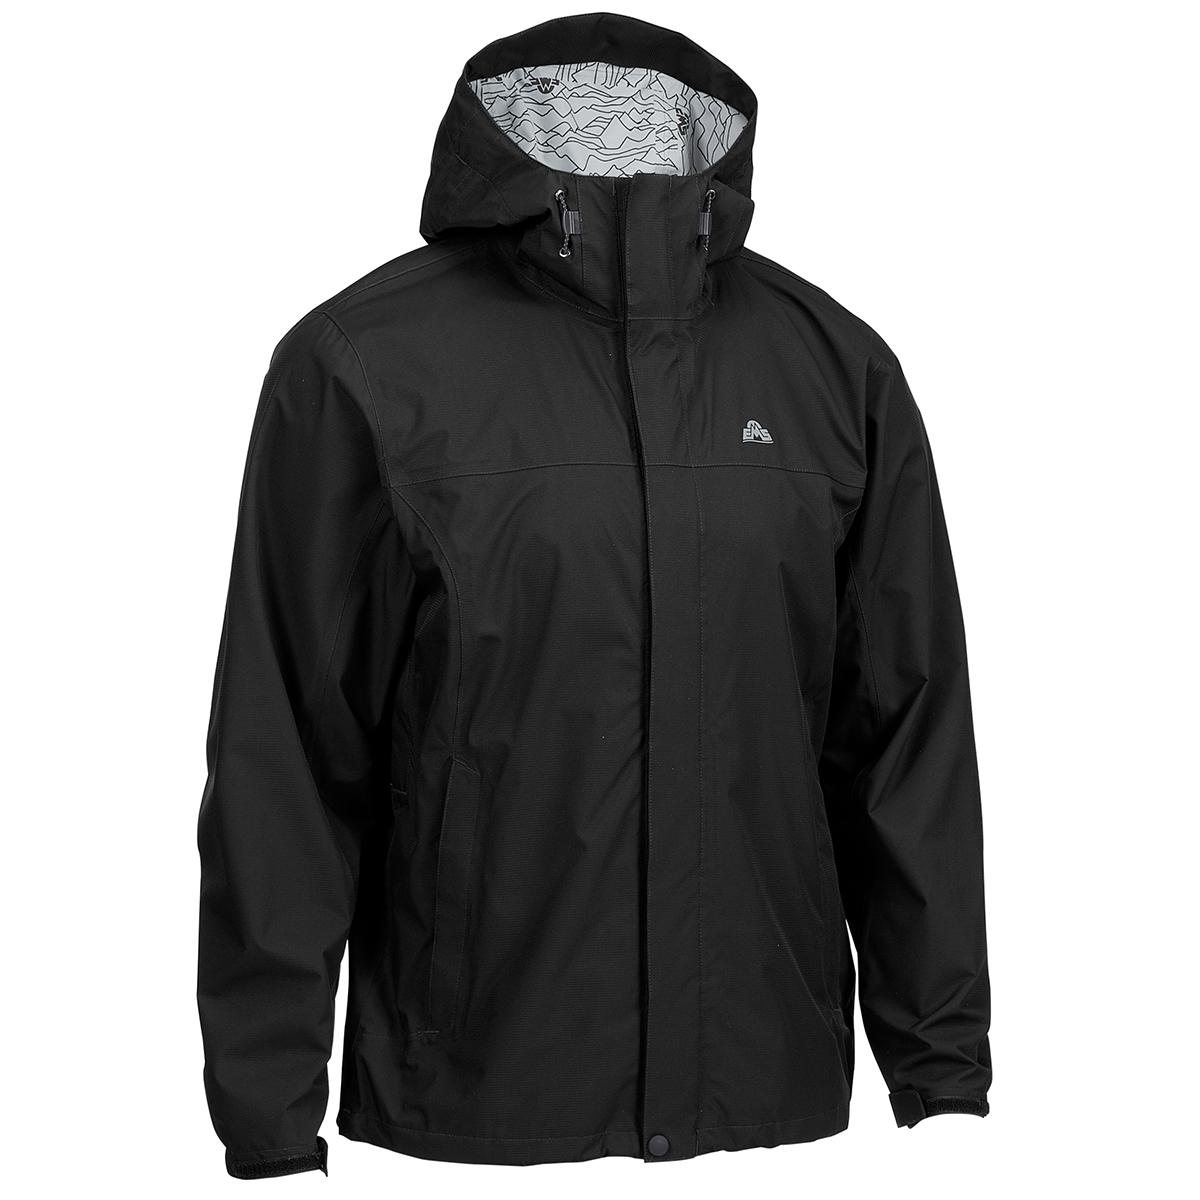 Ems Men's Thunderhead Peak Rain Jacket - Black, L